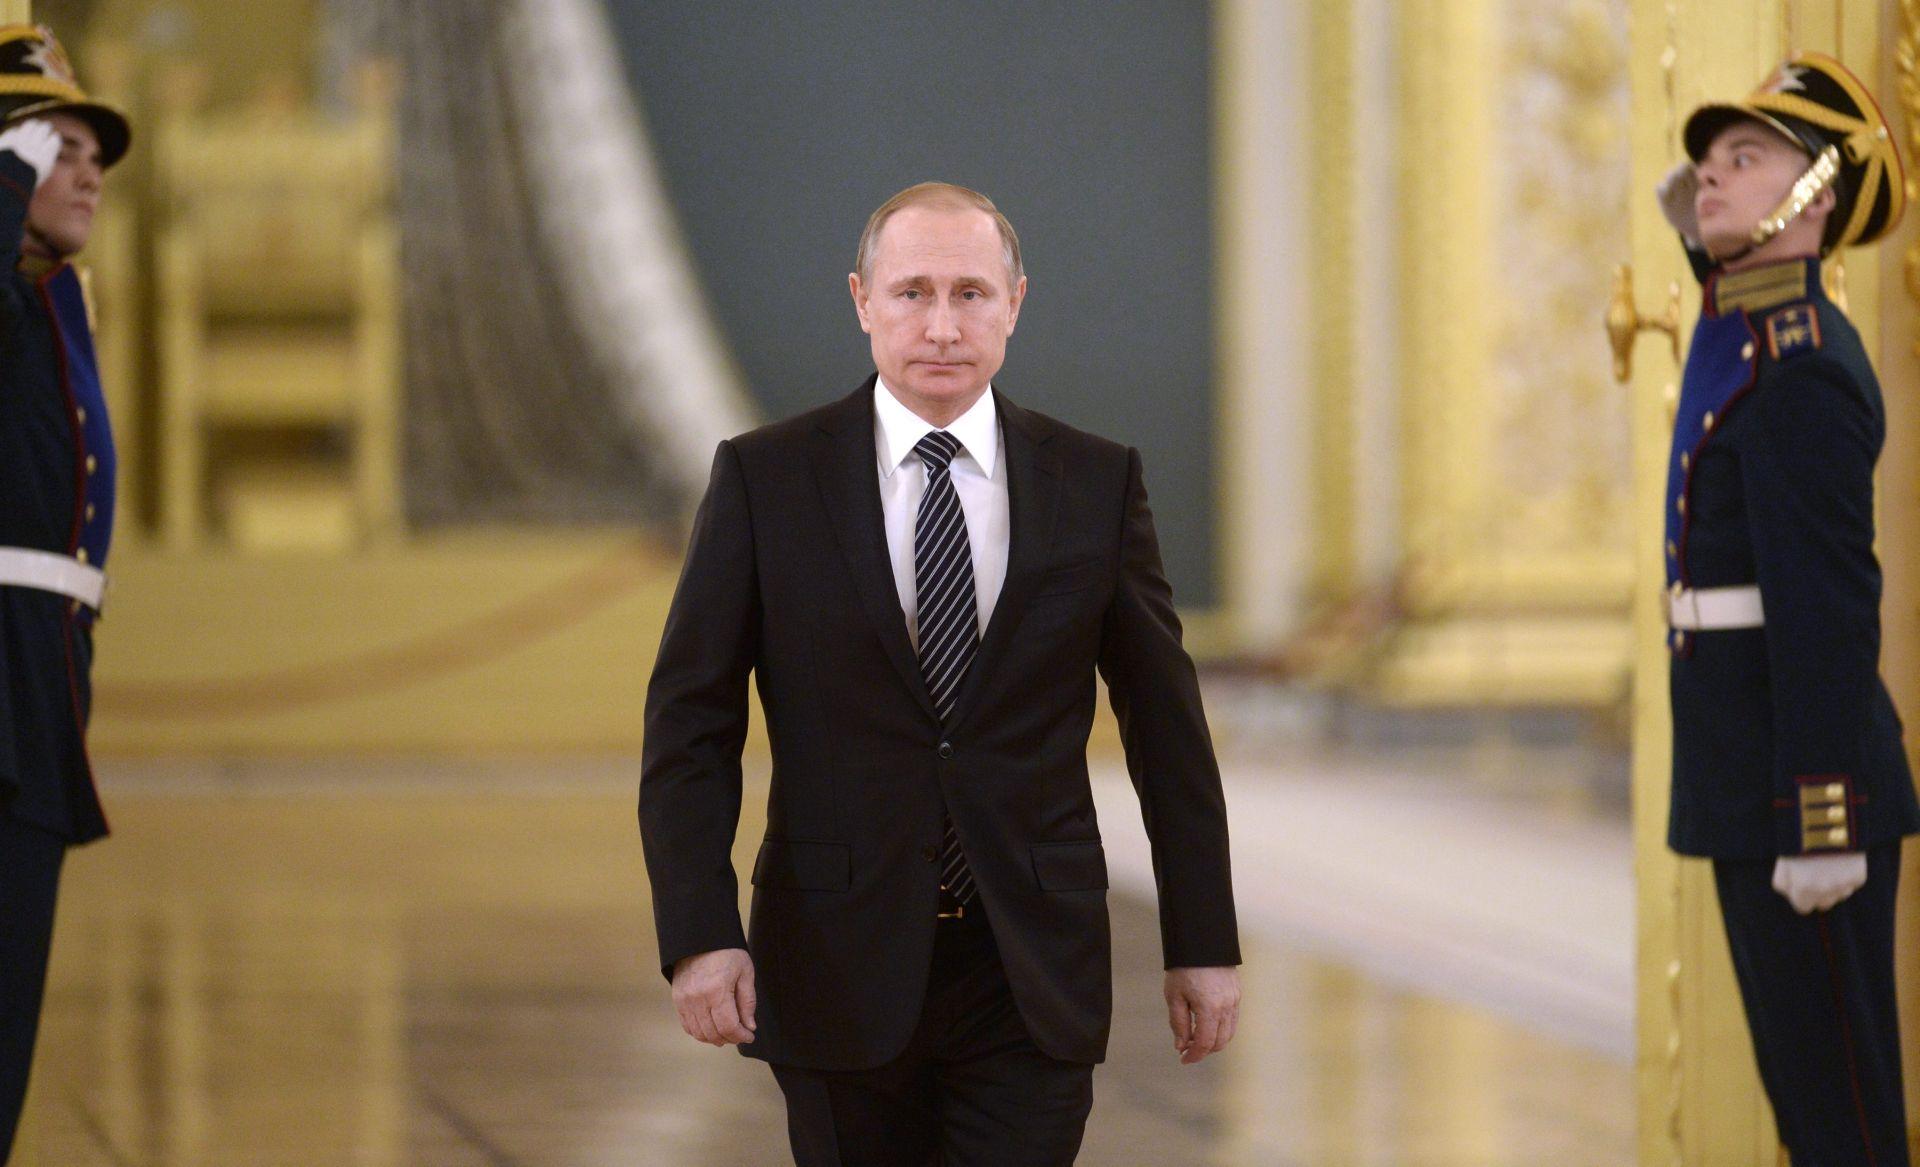 MANJI INTERES OD OČEKIVANOGA: Slovenski mediji o posjetu Putina